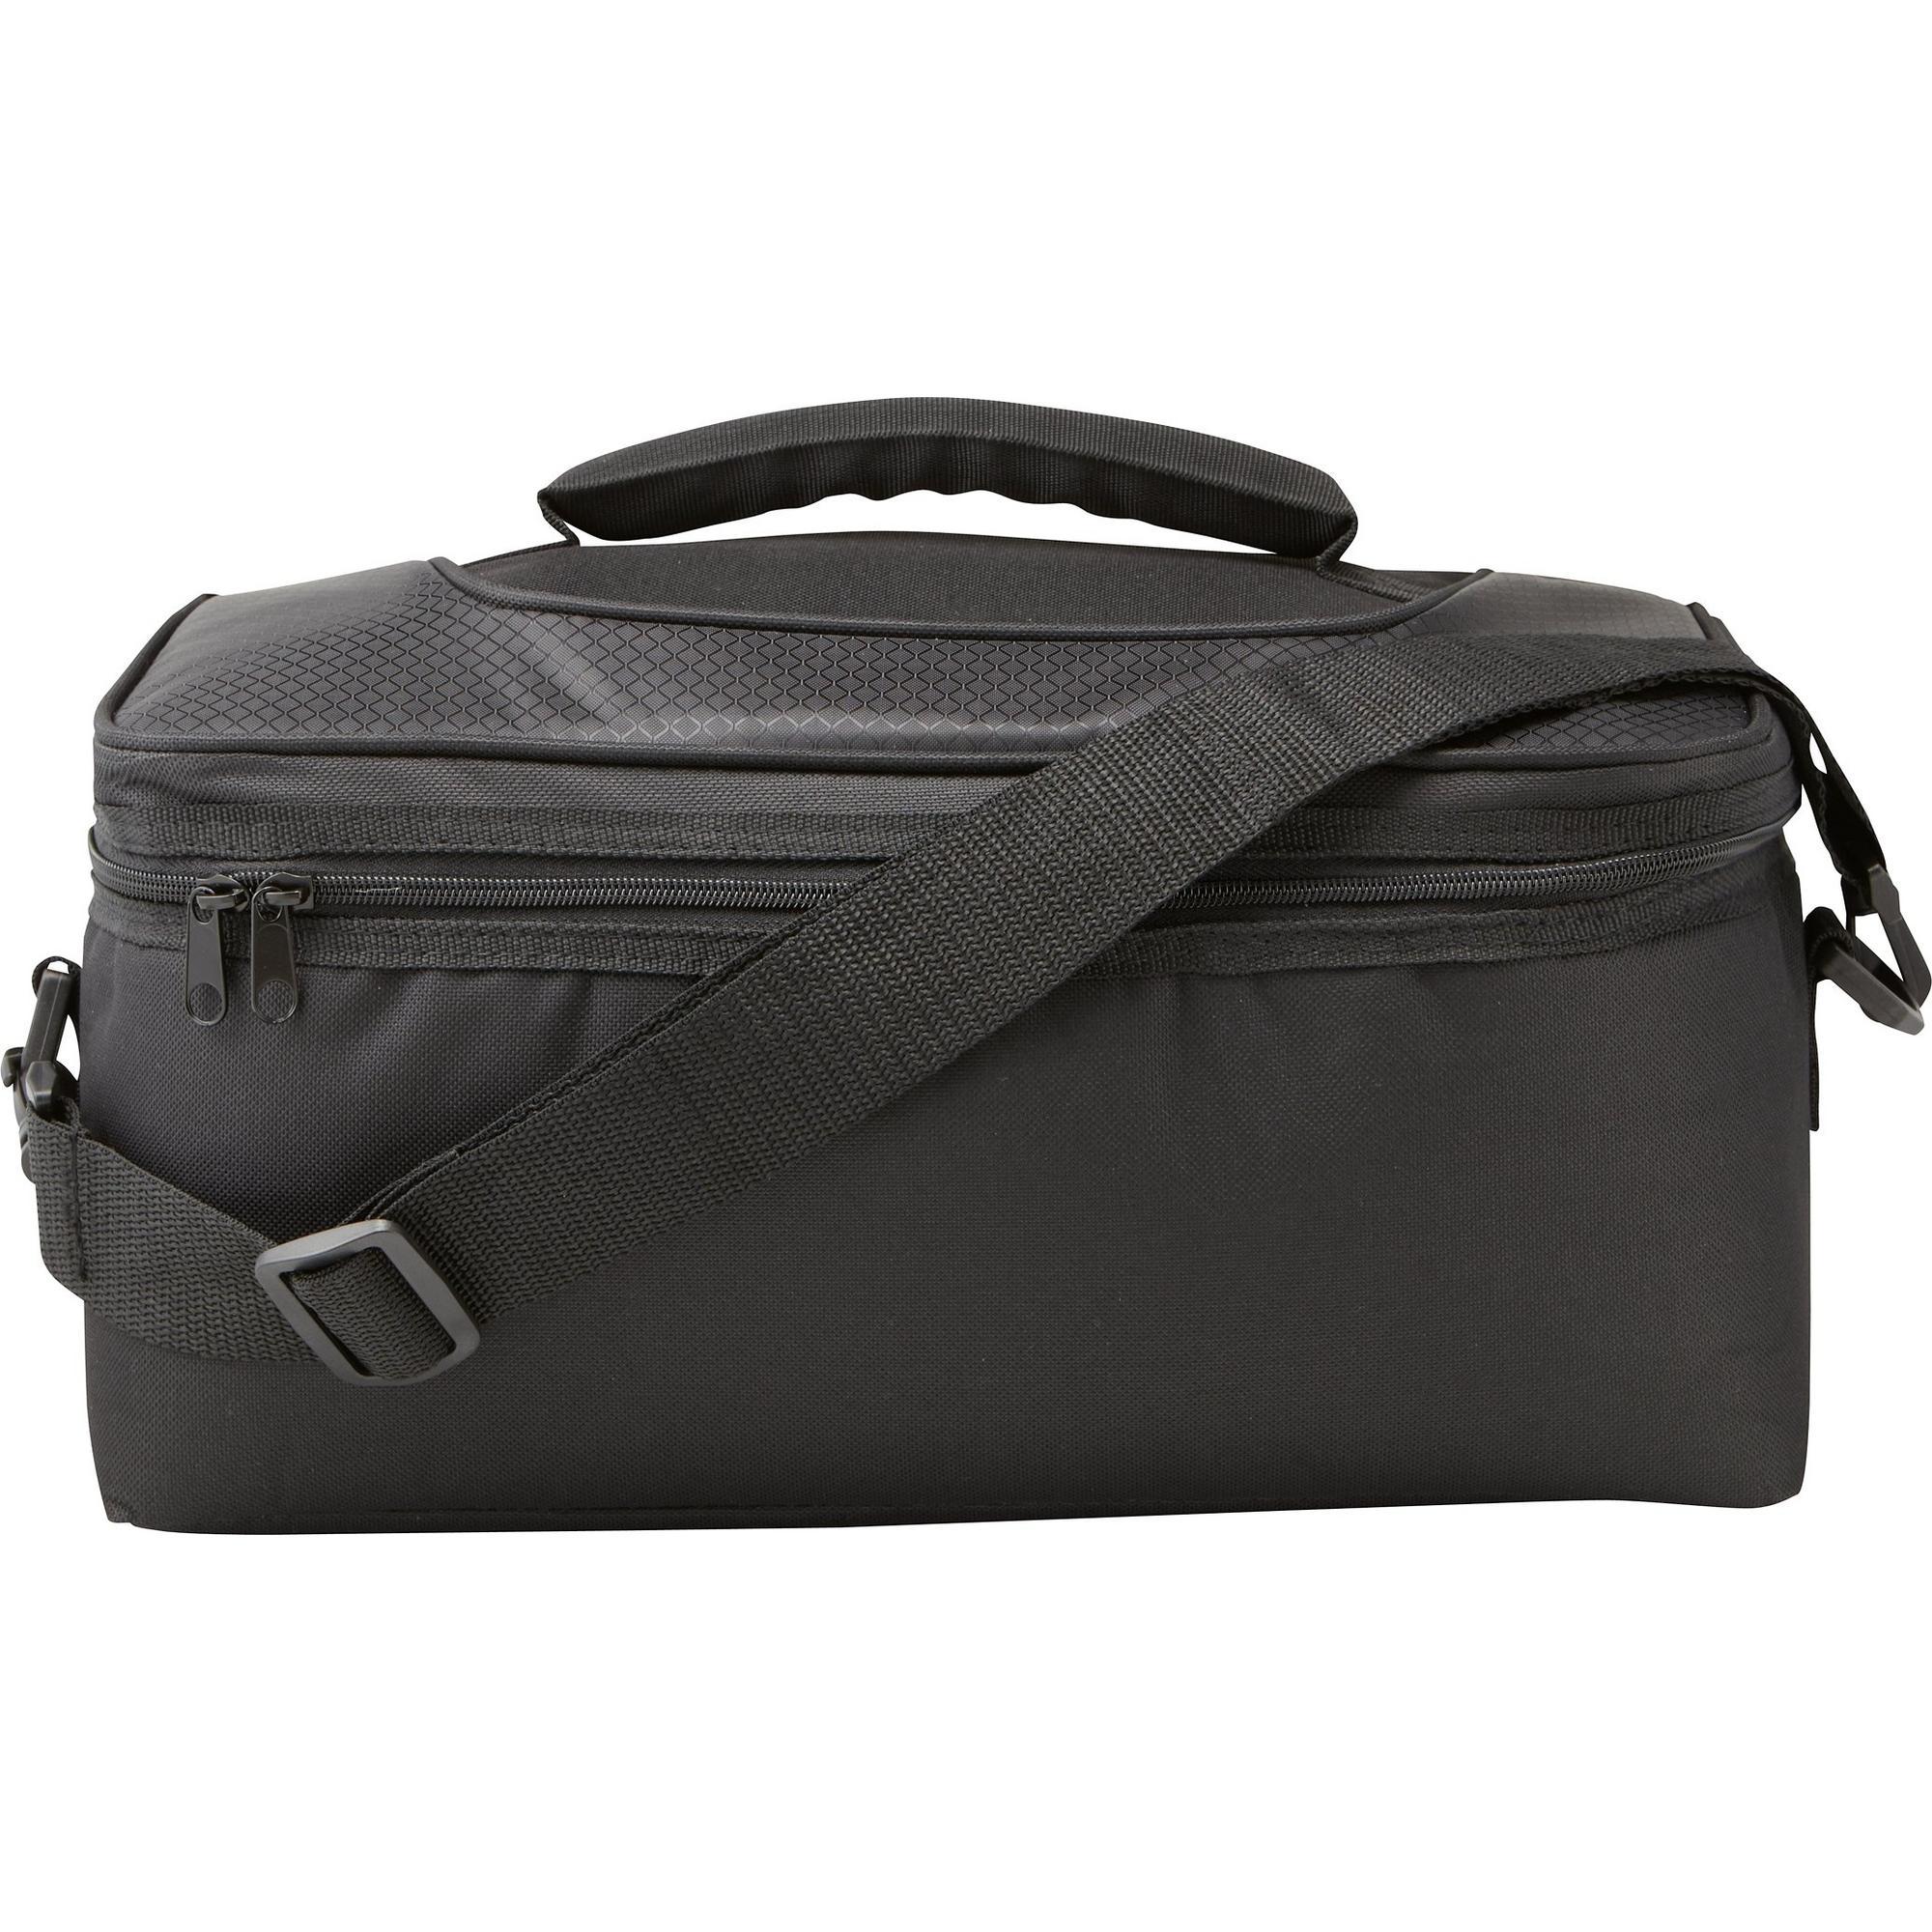 ZTech 12 Pack Cooler Bag